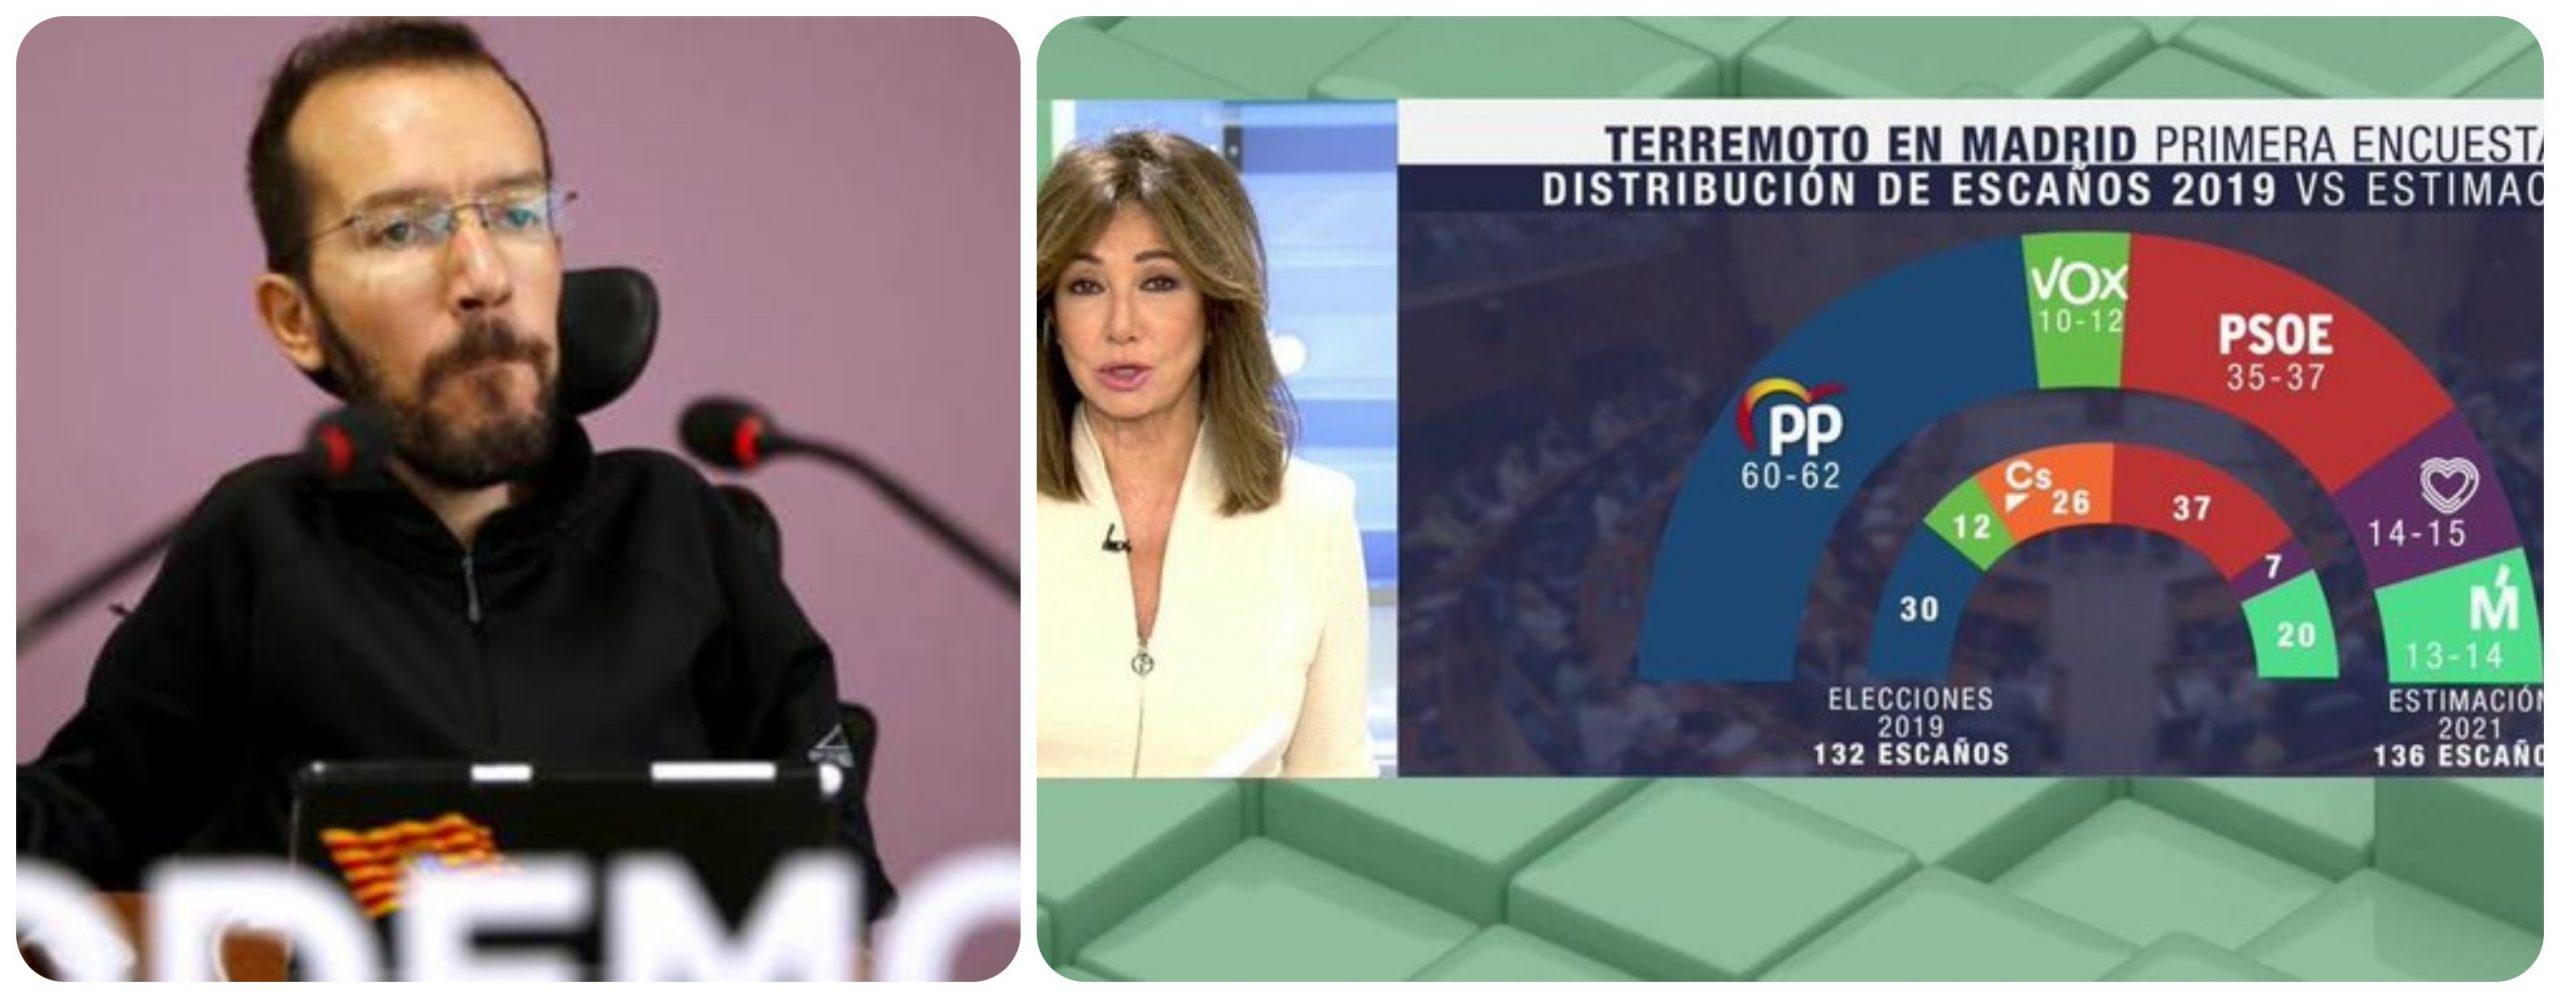 Echenique es de traca: ve positivo para Iglesias el sondeo de Ana Rosa en el que Ayuso roza la mayoría absoluta